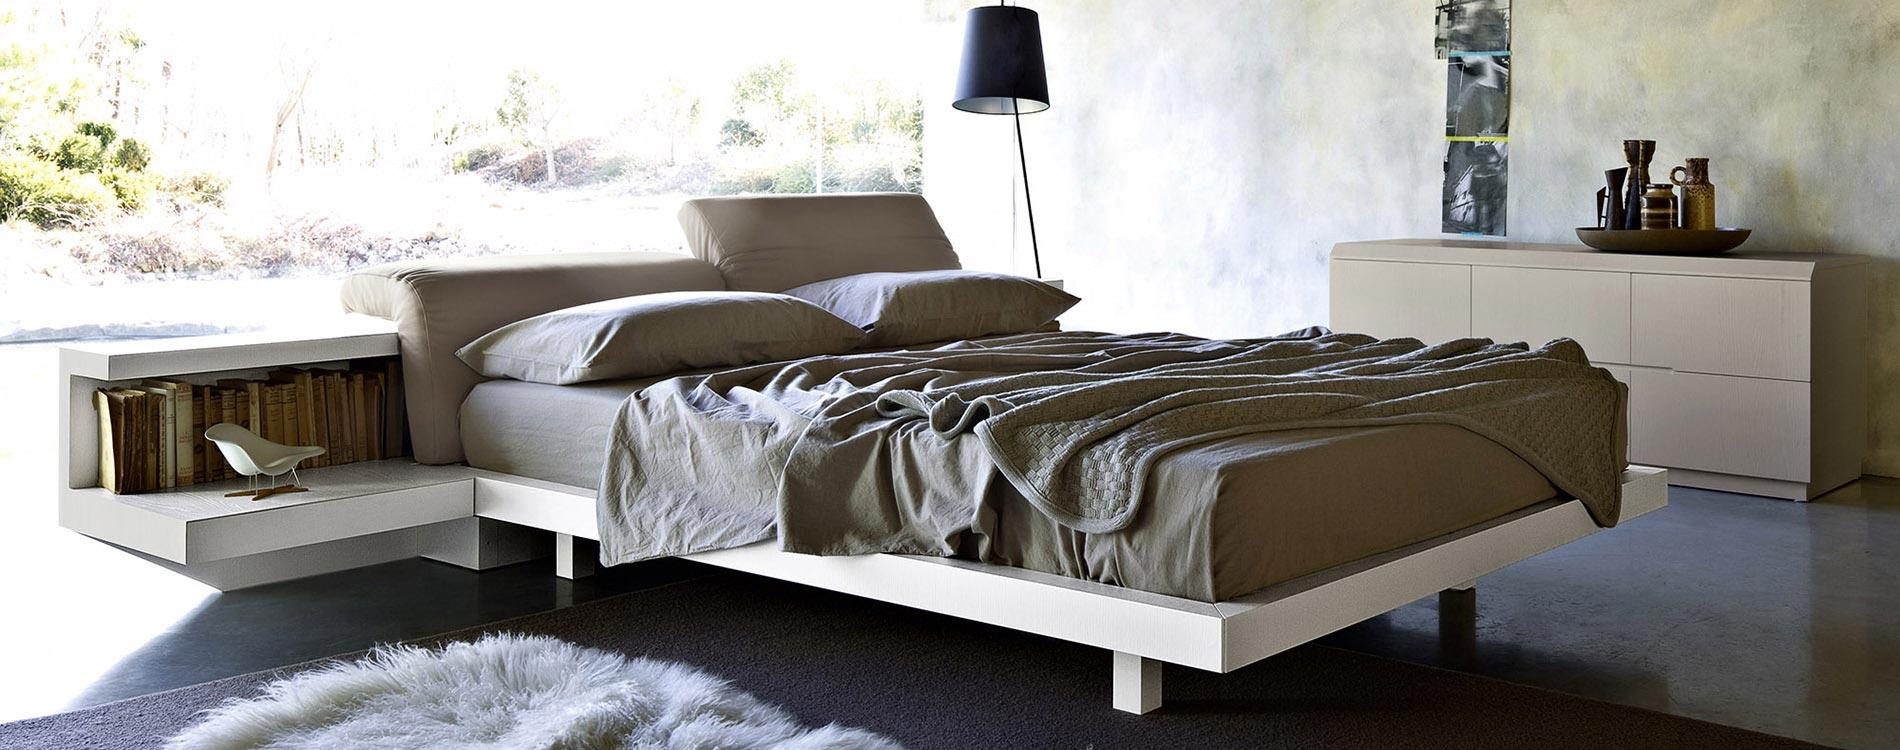 Camere da letto nuovarredo idee per la casa for Europa arredamenti